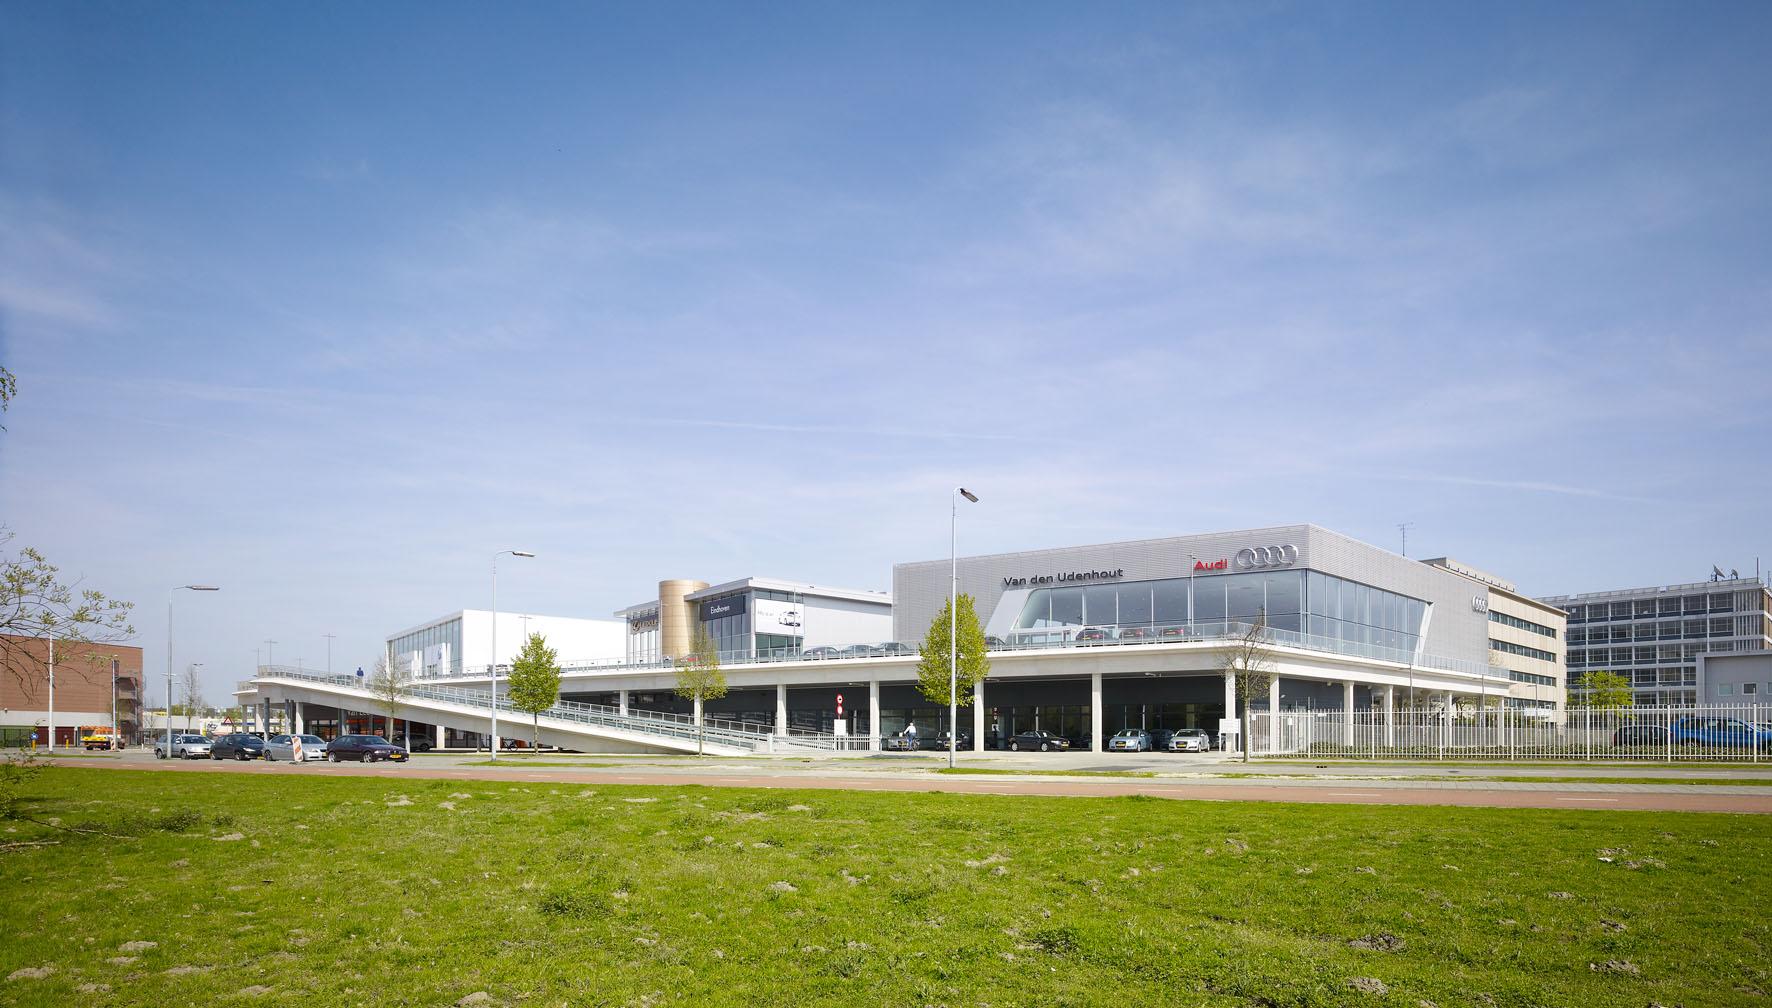 Audi Lexus Volkswagen Garage - Aa-Dee Staalbouw Lexus Eindhoven